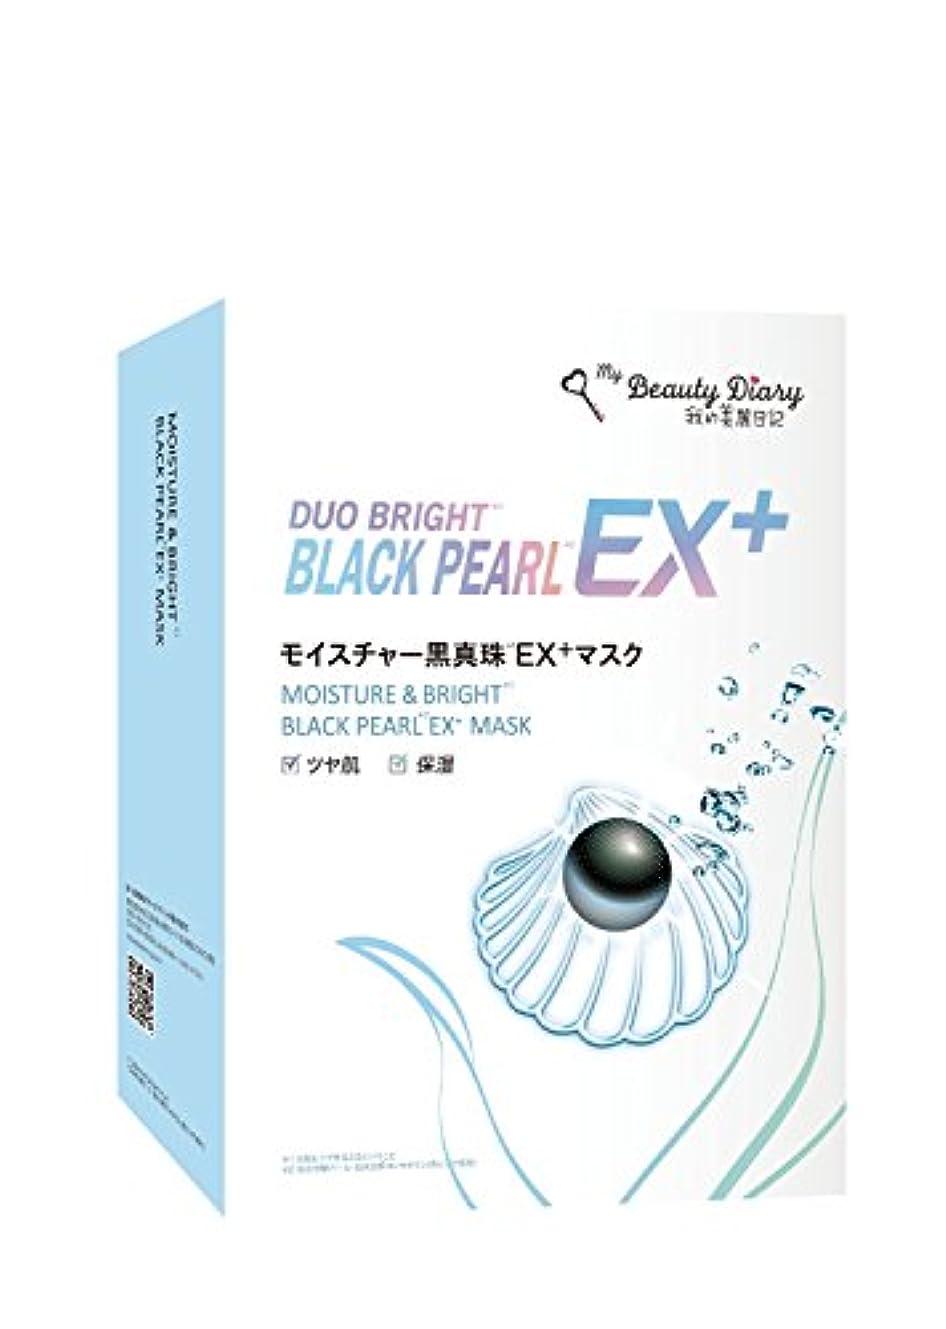 深さ良性ピケ我的美麗日記-私のきれい日記- モイスチャー黒真珠EX+マスク 6枚入